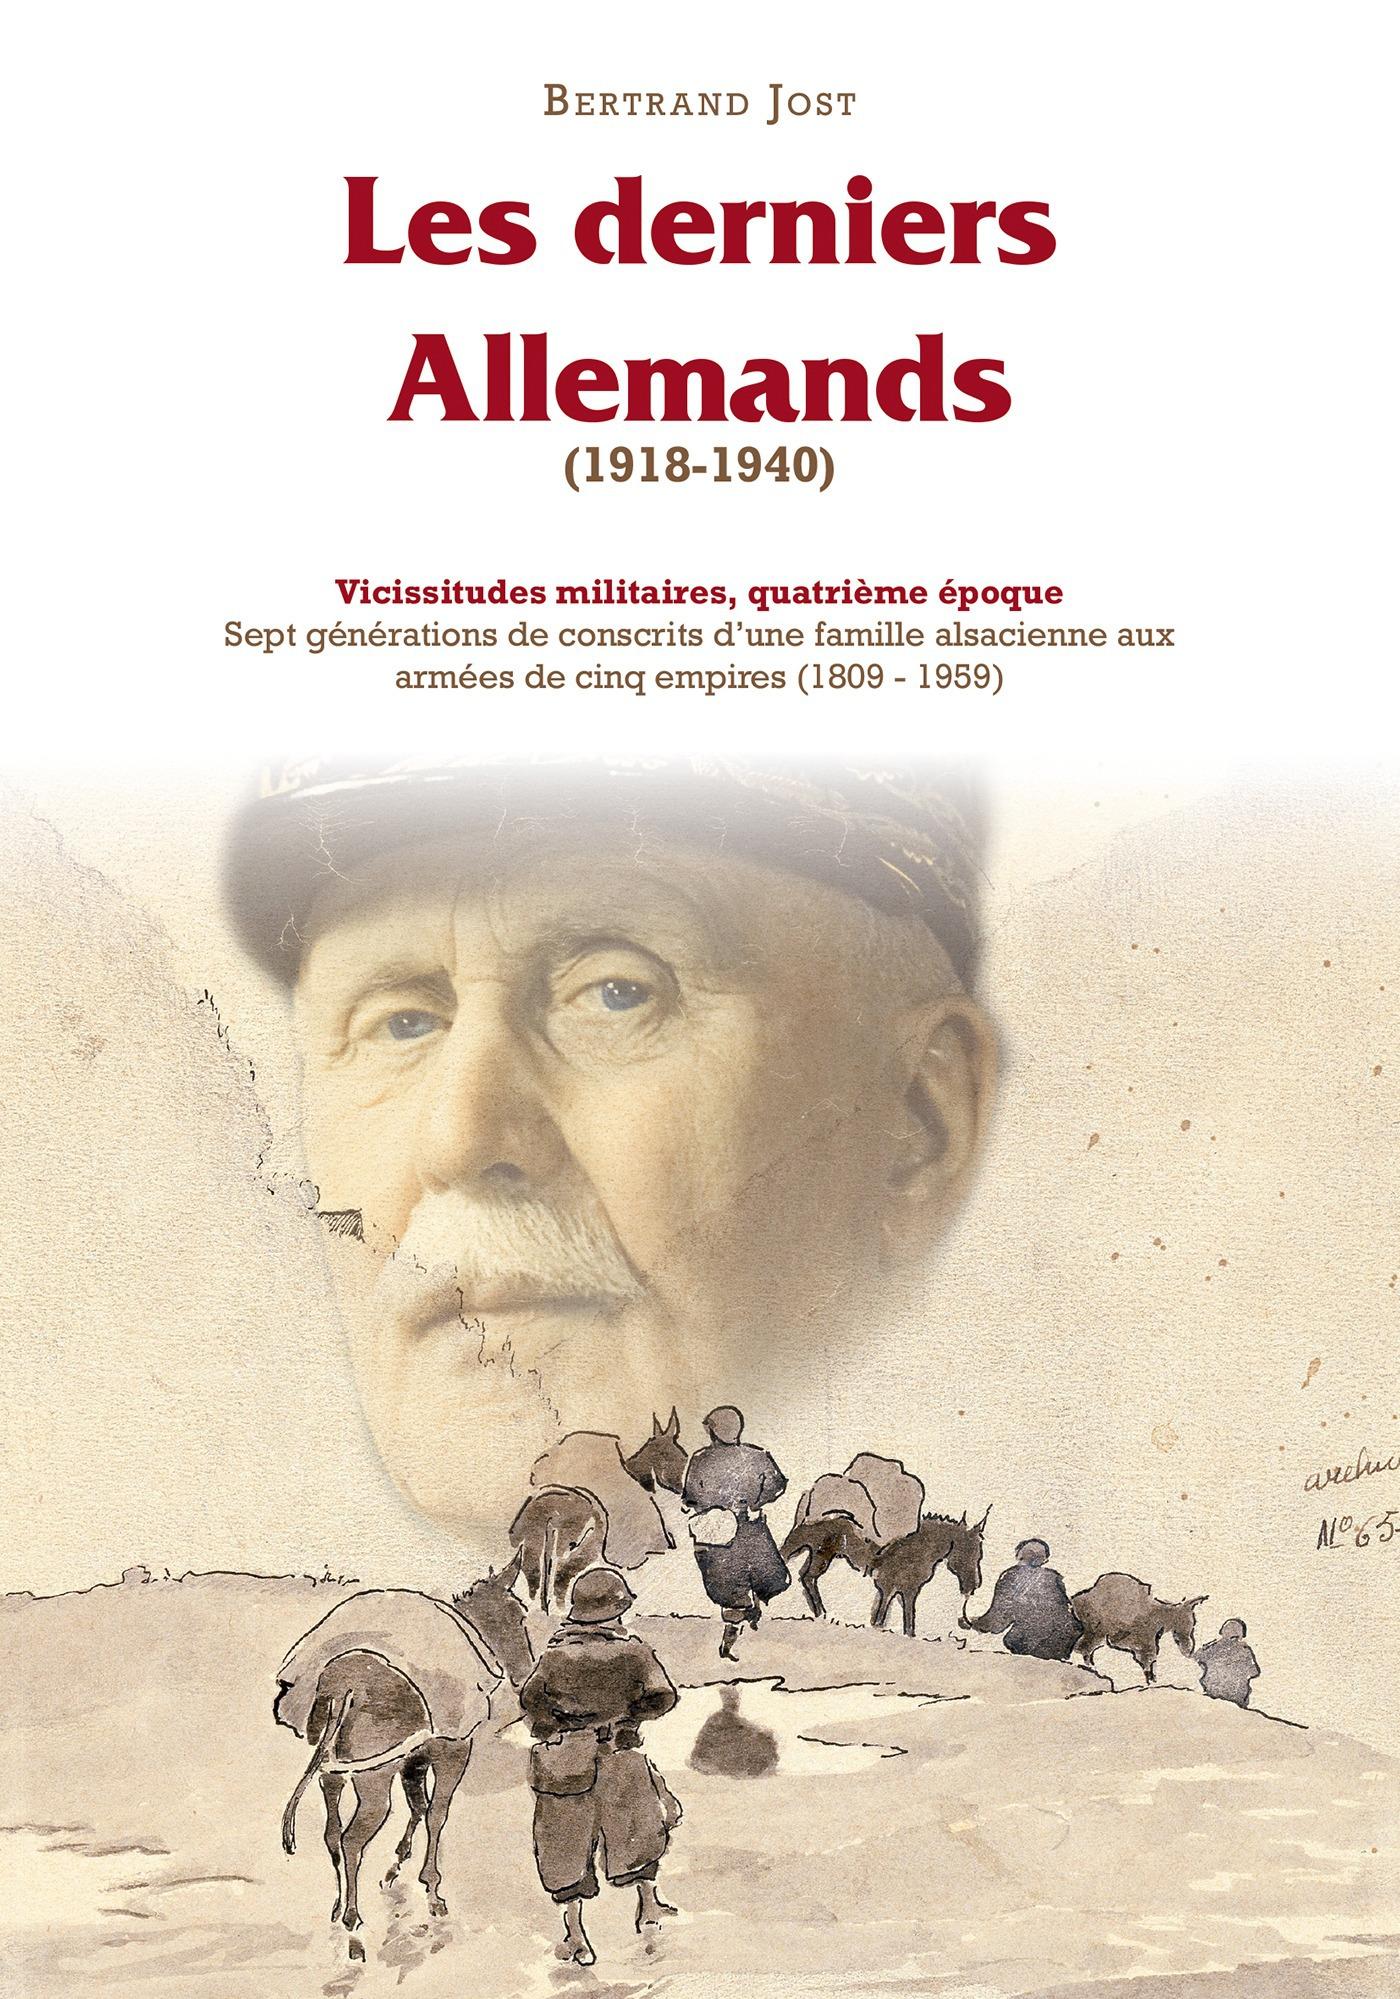 Vicissitudes militaires t.4 ; les derniers allemands (1918-1940)